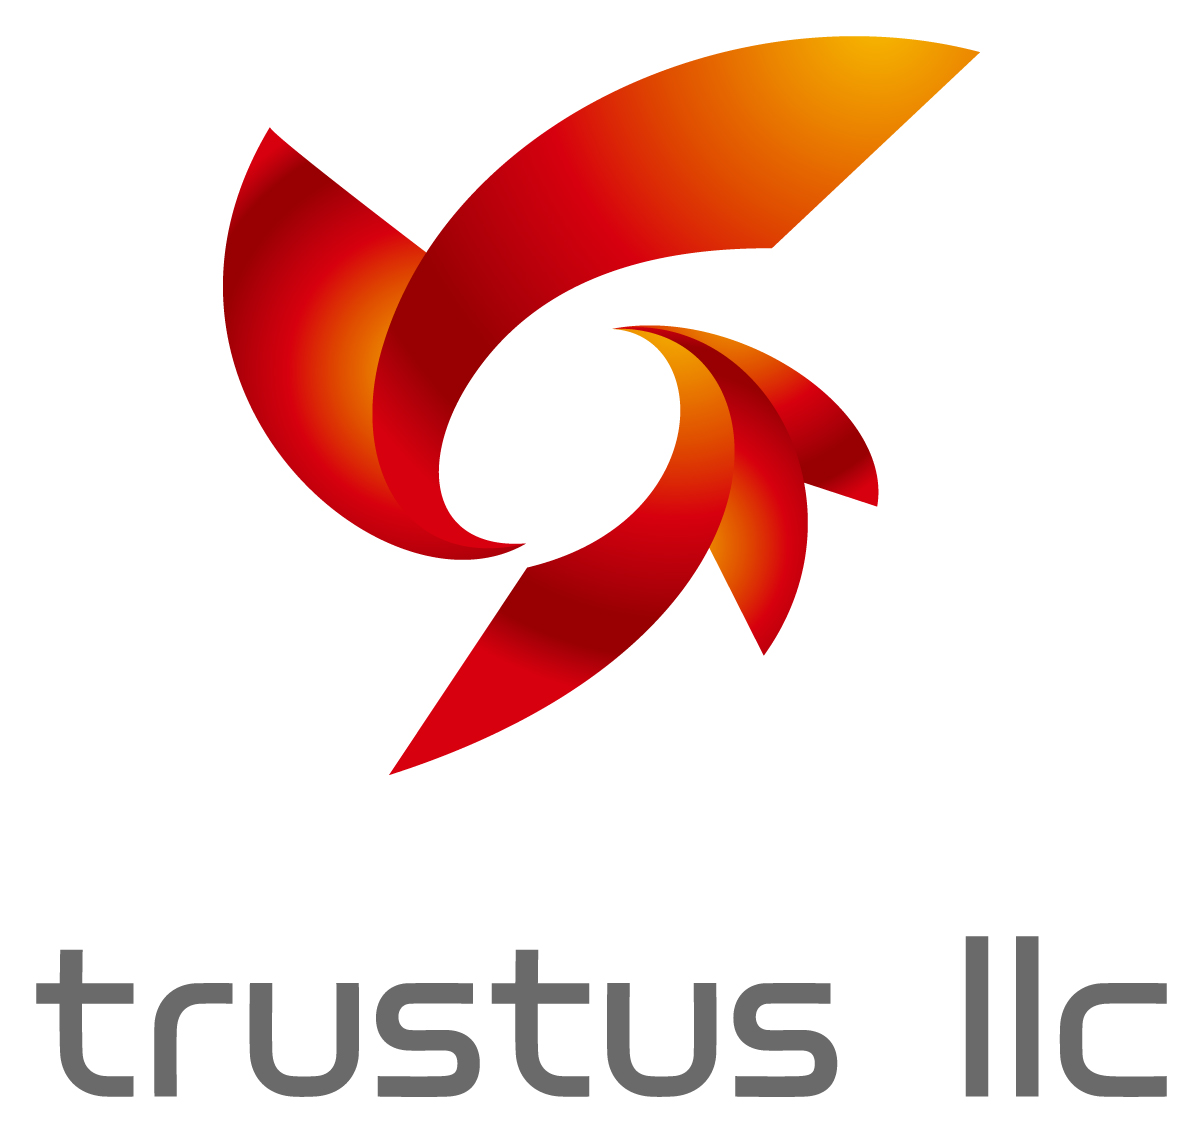 経営コンサルタントと近未来と赤のロゴ